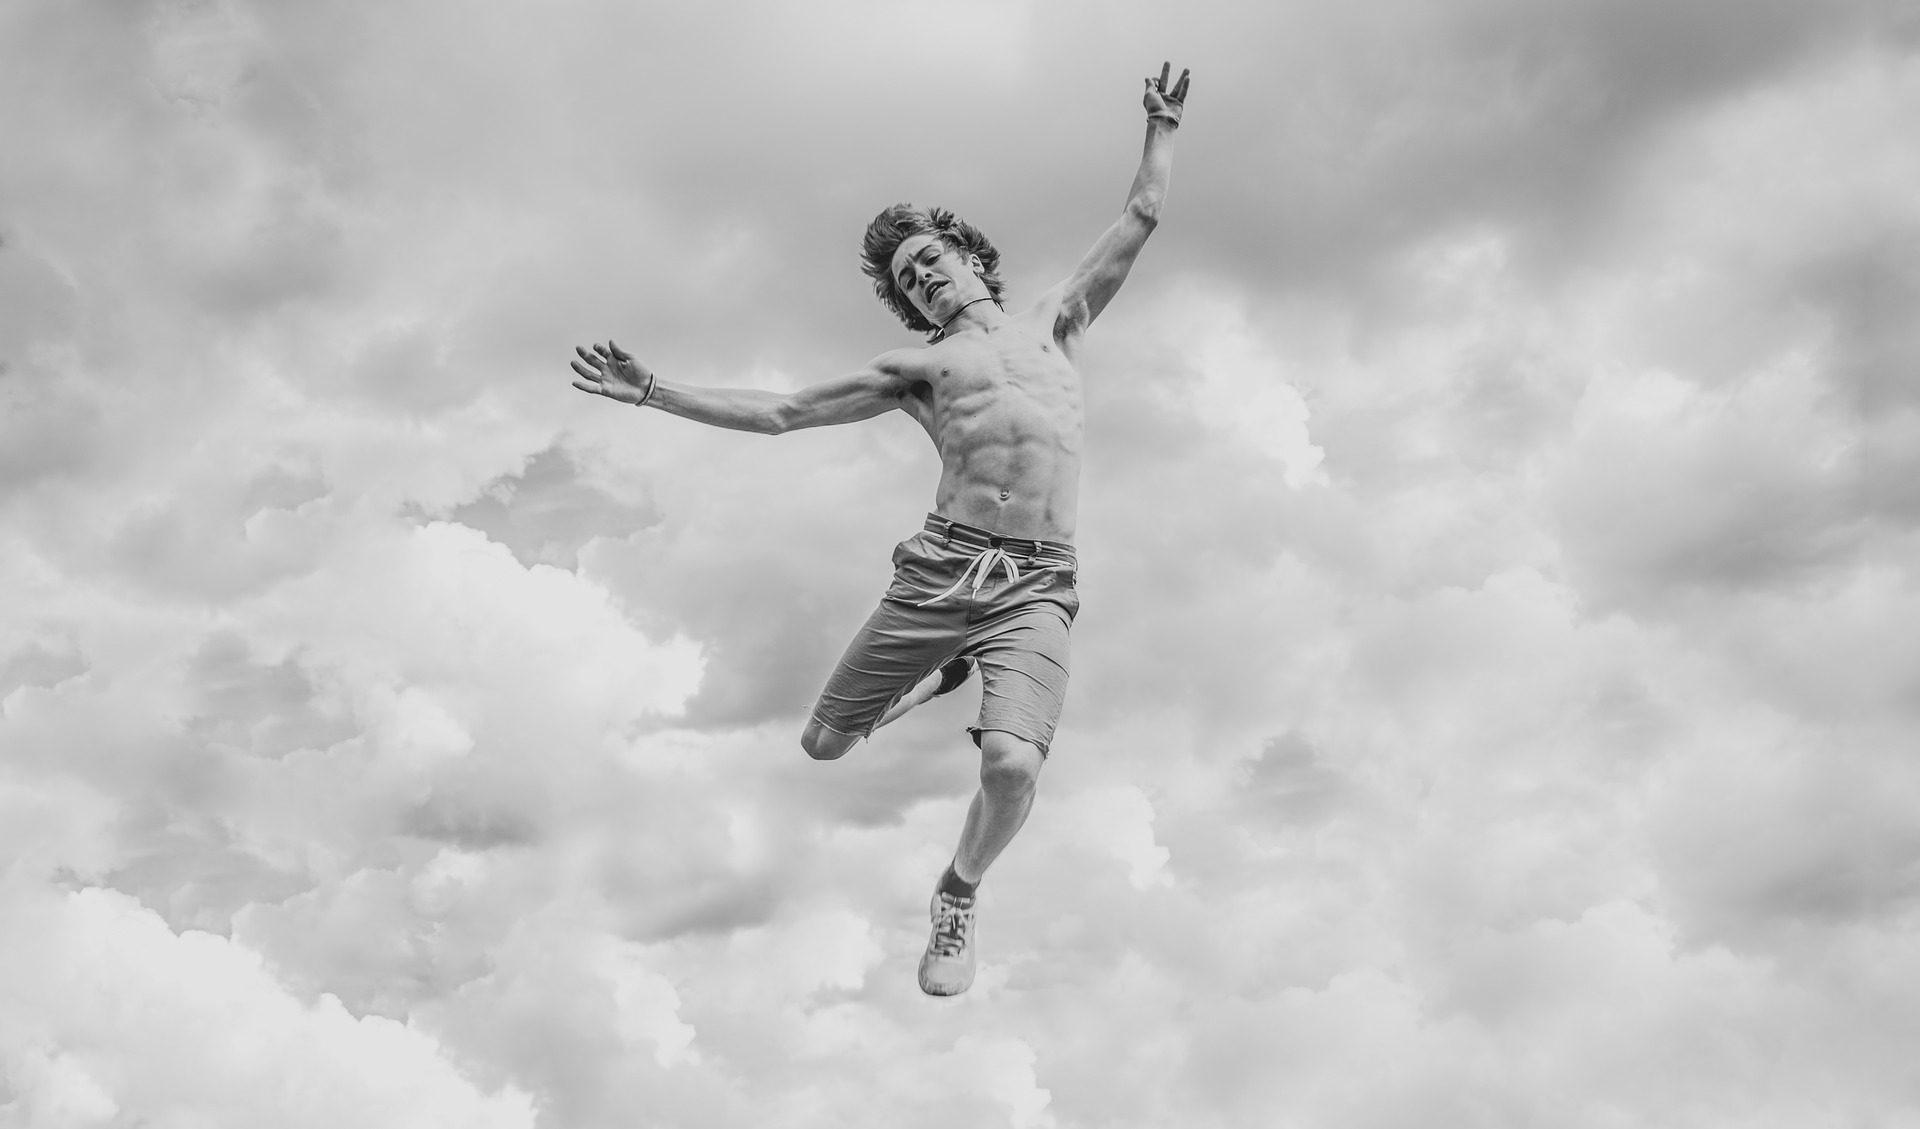 Mann, springen, Torso, Muskeln, in schwarz und weiß - Wallpaper HD - Prof.-falken.com